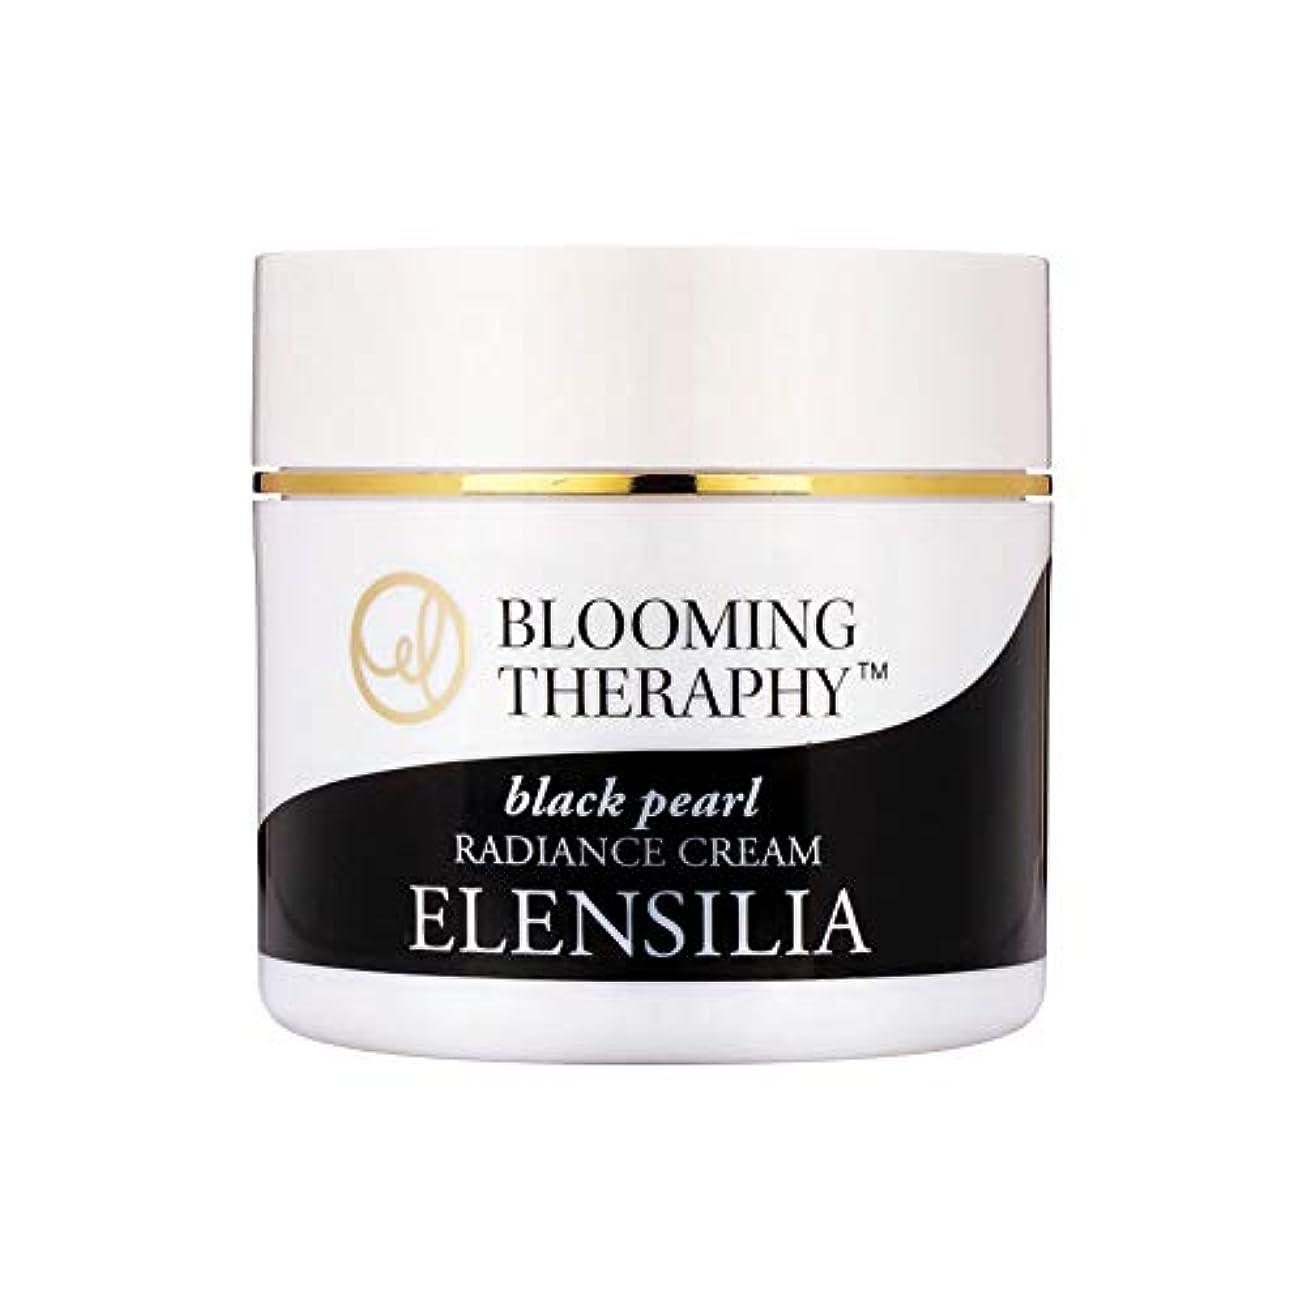 トランスペアレントすみません軍隊エルレンシルラElensilia 韓国コスメ ブルーミングセラピー黒真珠ラディアンスクリーム50g 海外直送品 Blooming Theraphy Black Pearl Radiance Cream [並行輸入品]